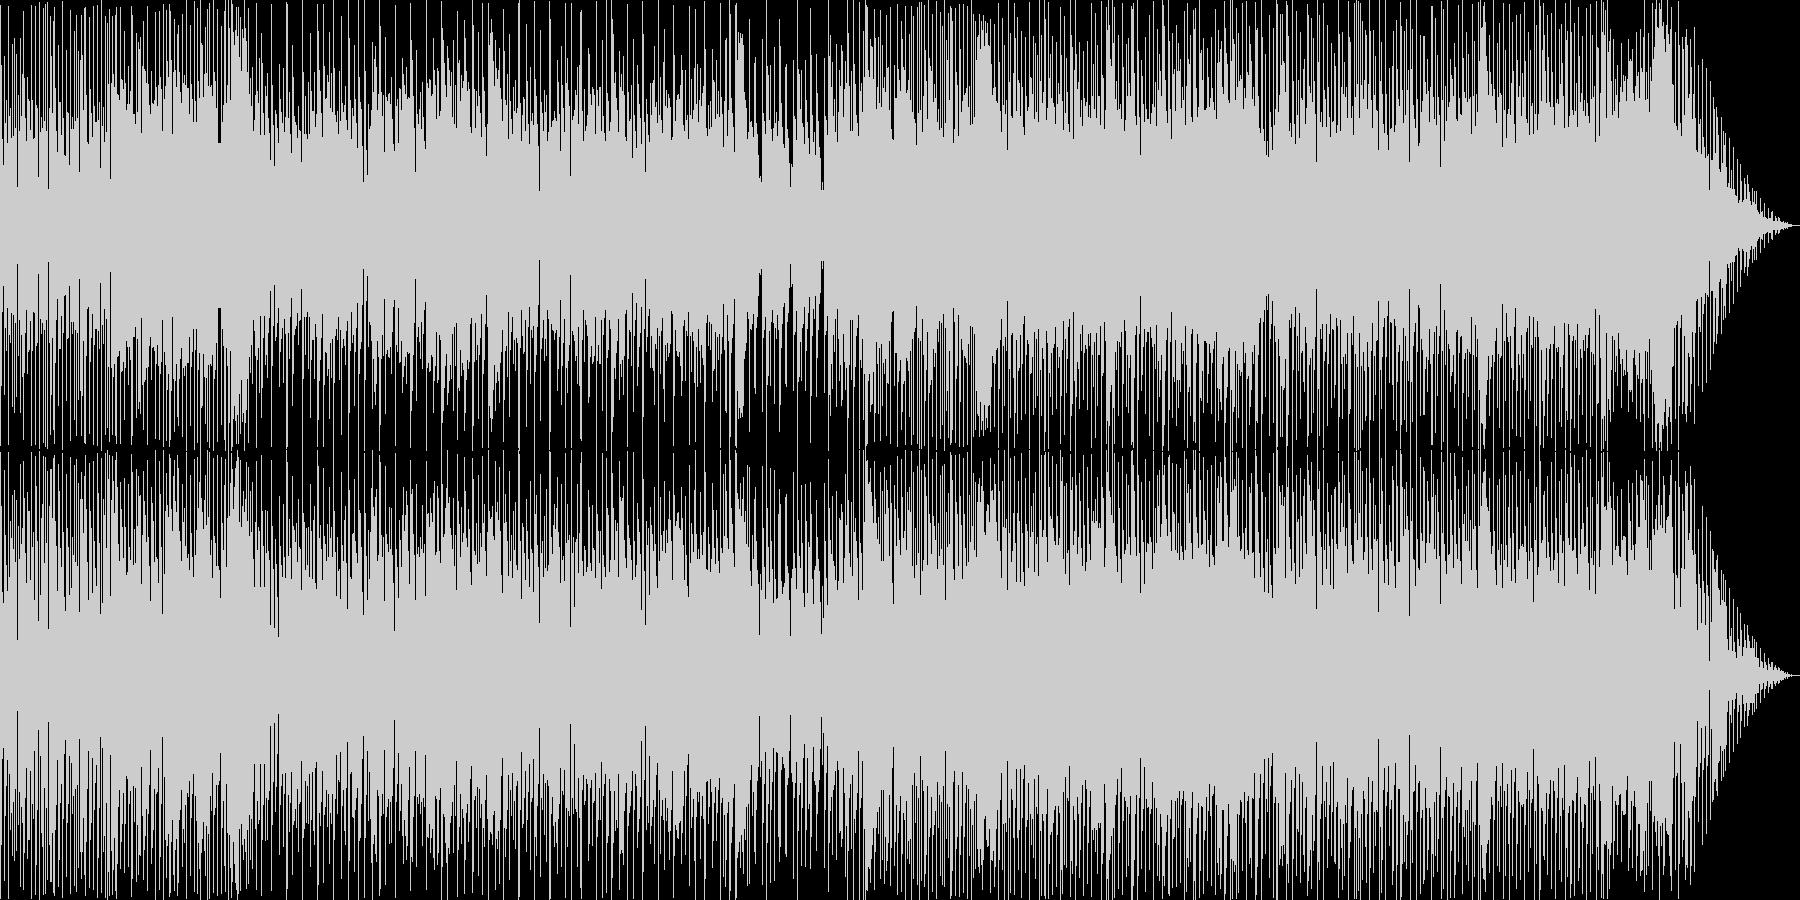 明るめエレクトロニカポップスの未再生の波形